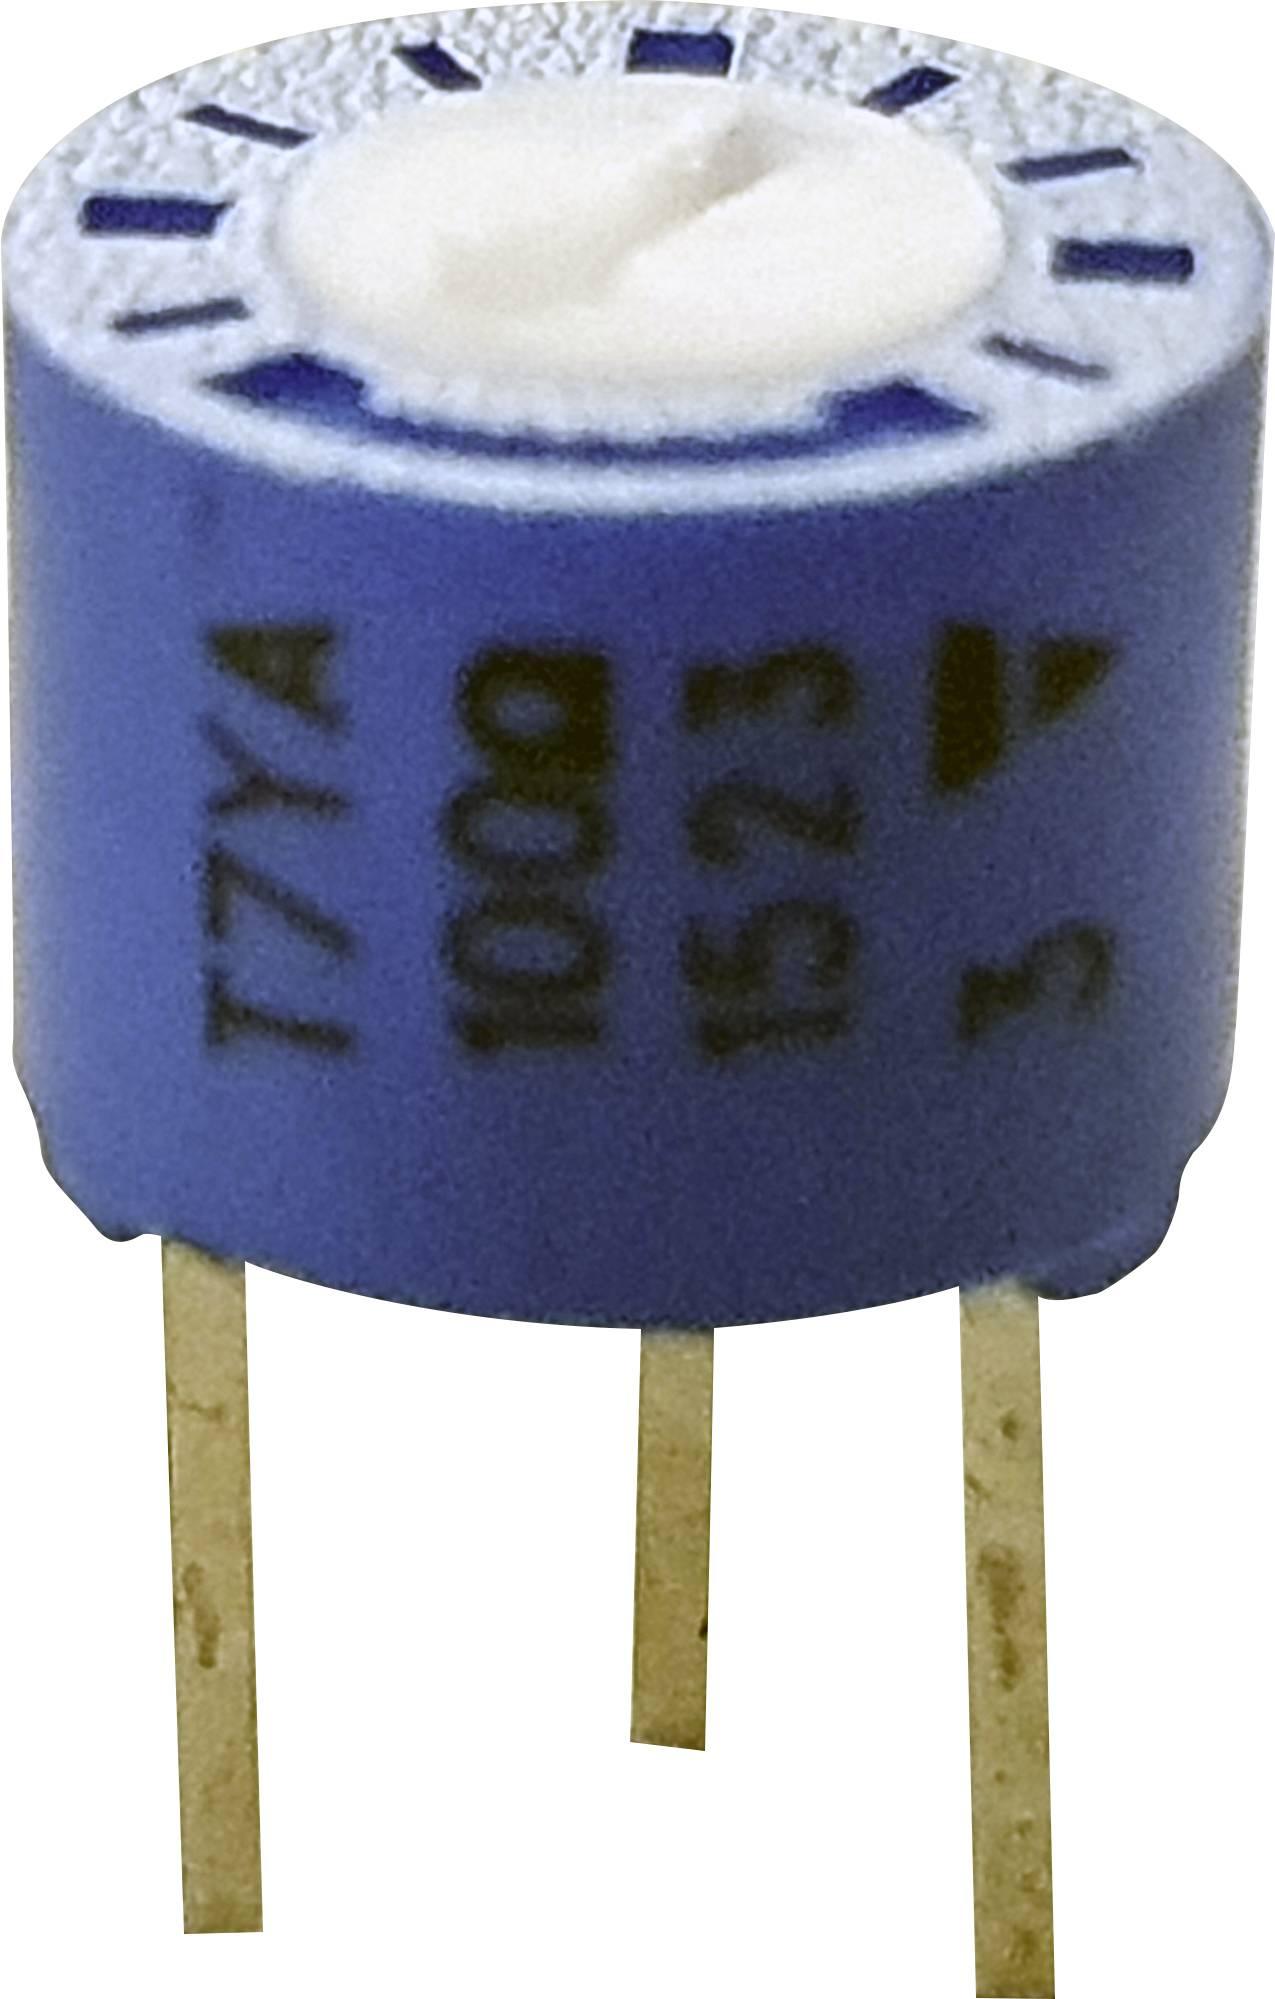 Vodivý plastový potenciometer Vishay 75 P 500K, lineárny, 500 kOhm, 0.5 W, 1 ks